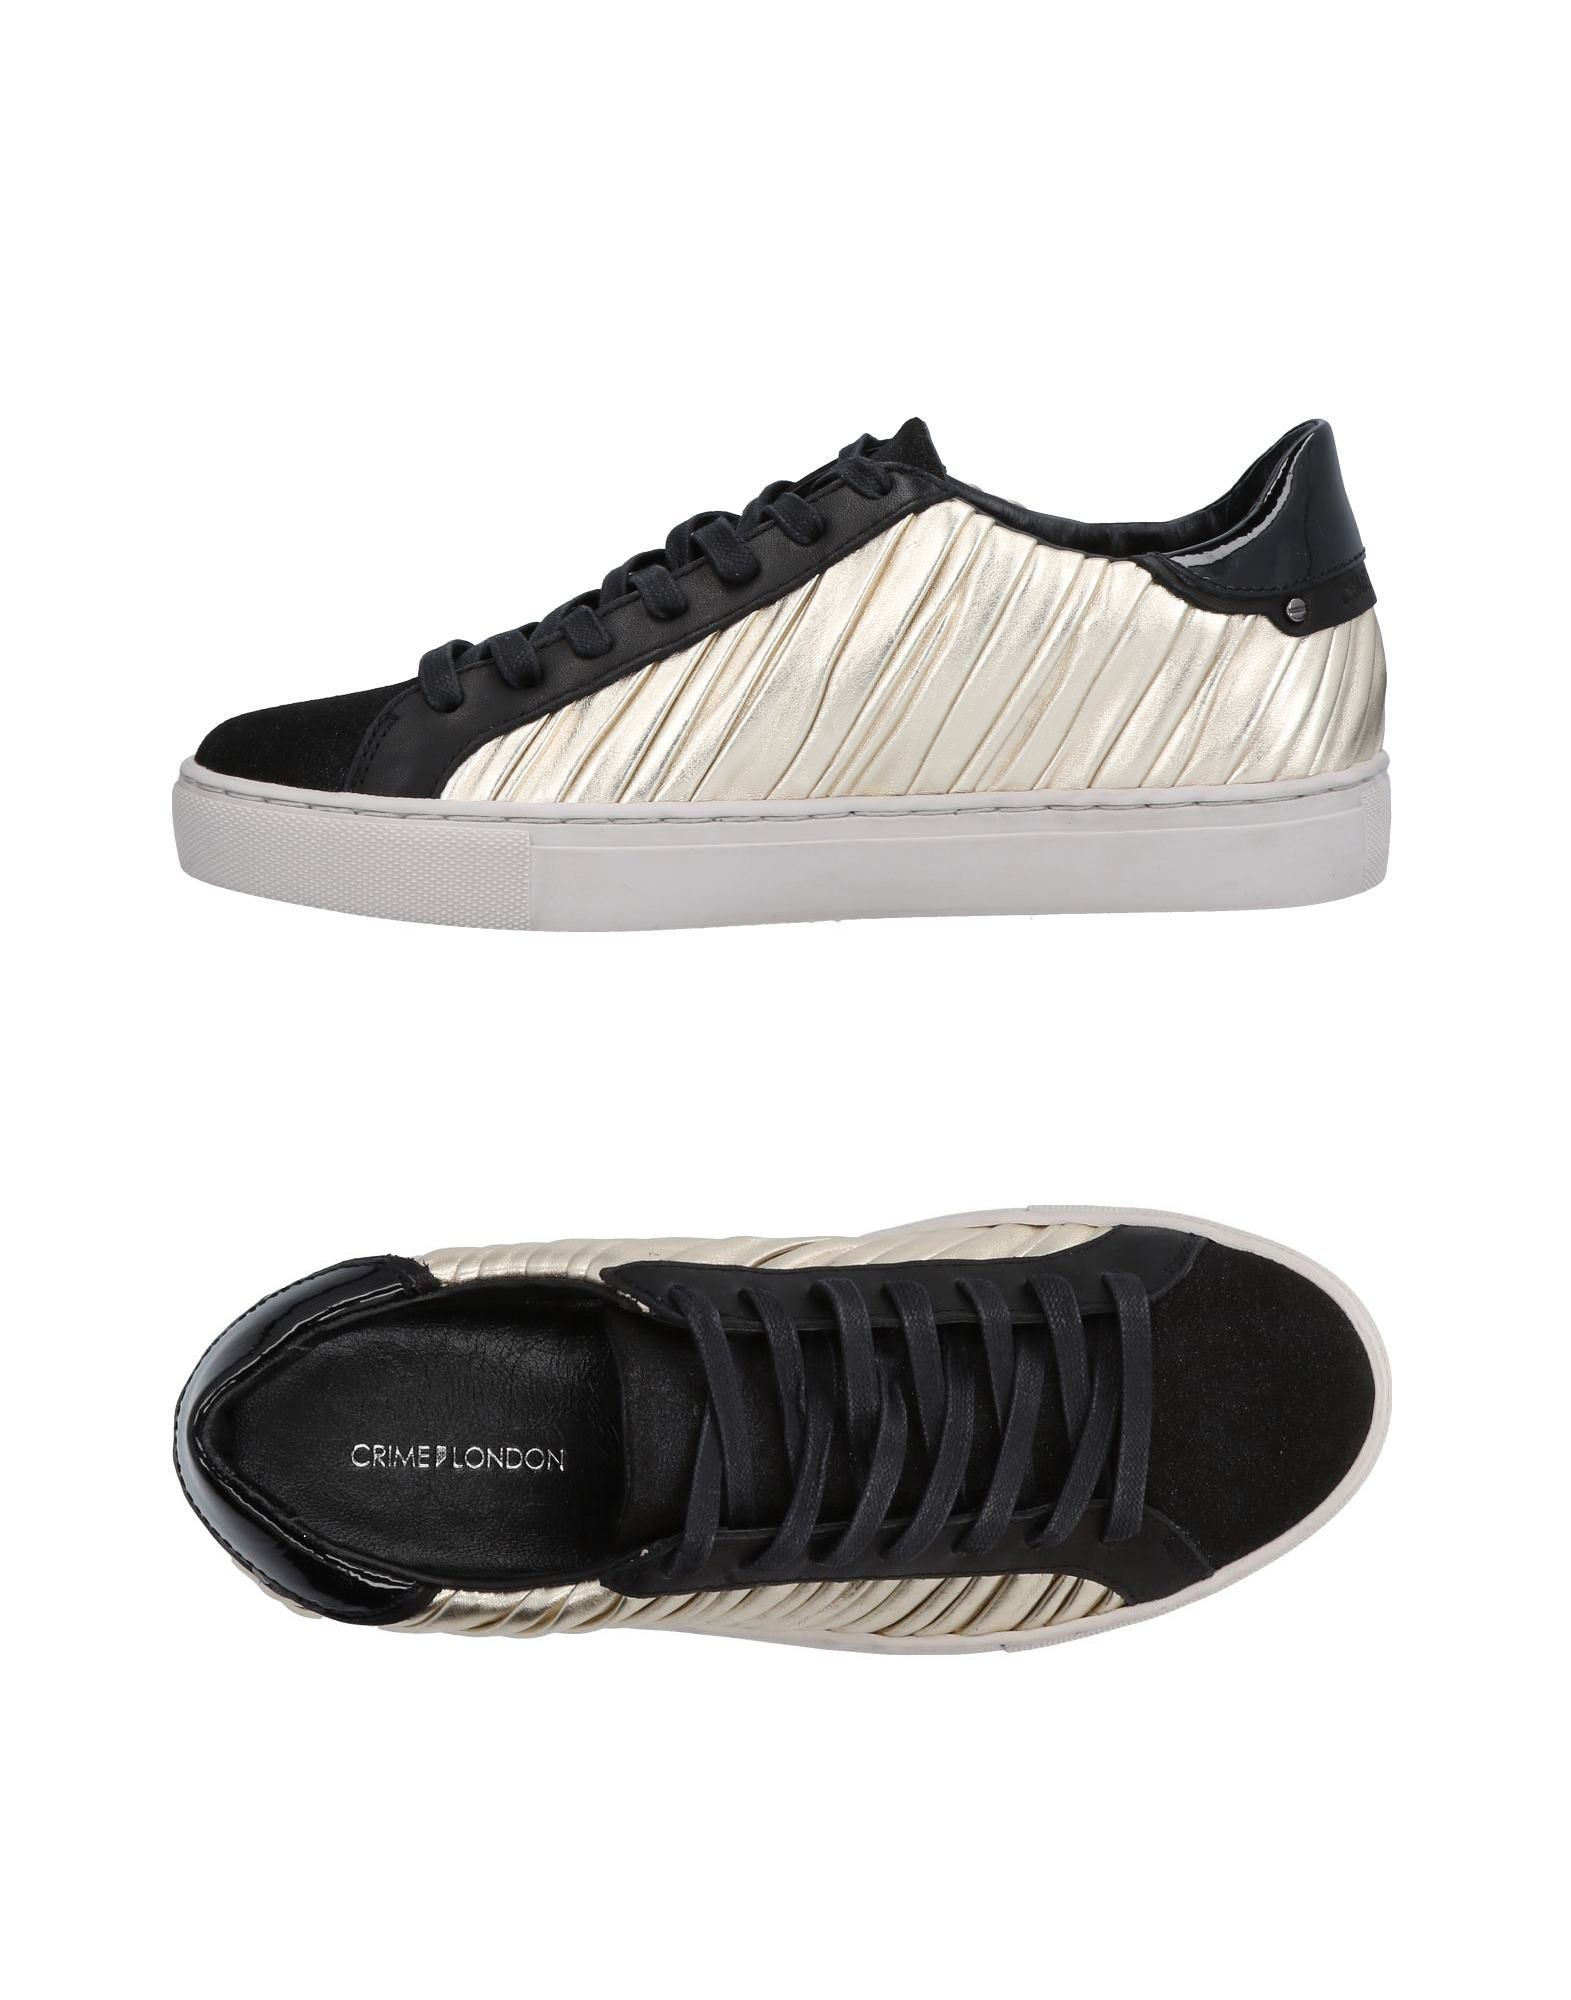 Baskets Crime London Femme - Baskets Crime London Noir Les chaussures les plus populaires pour les hommes et les femmes